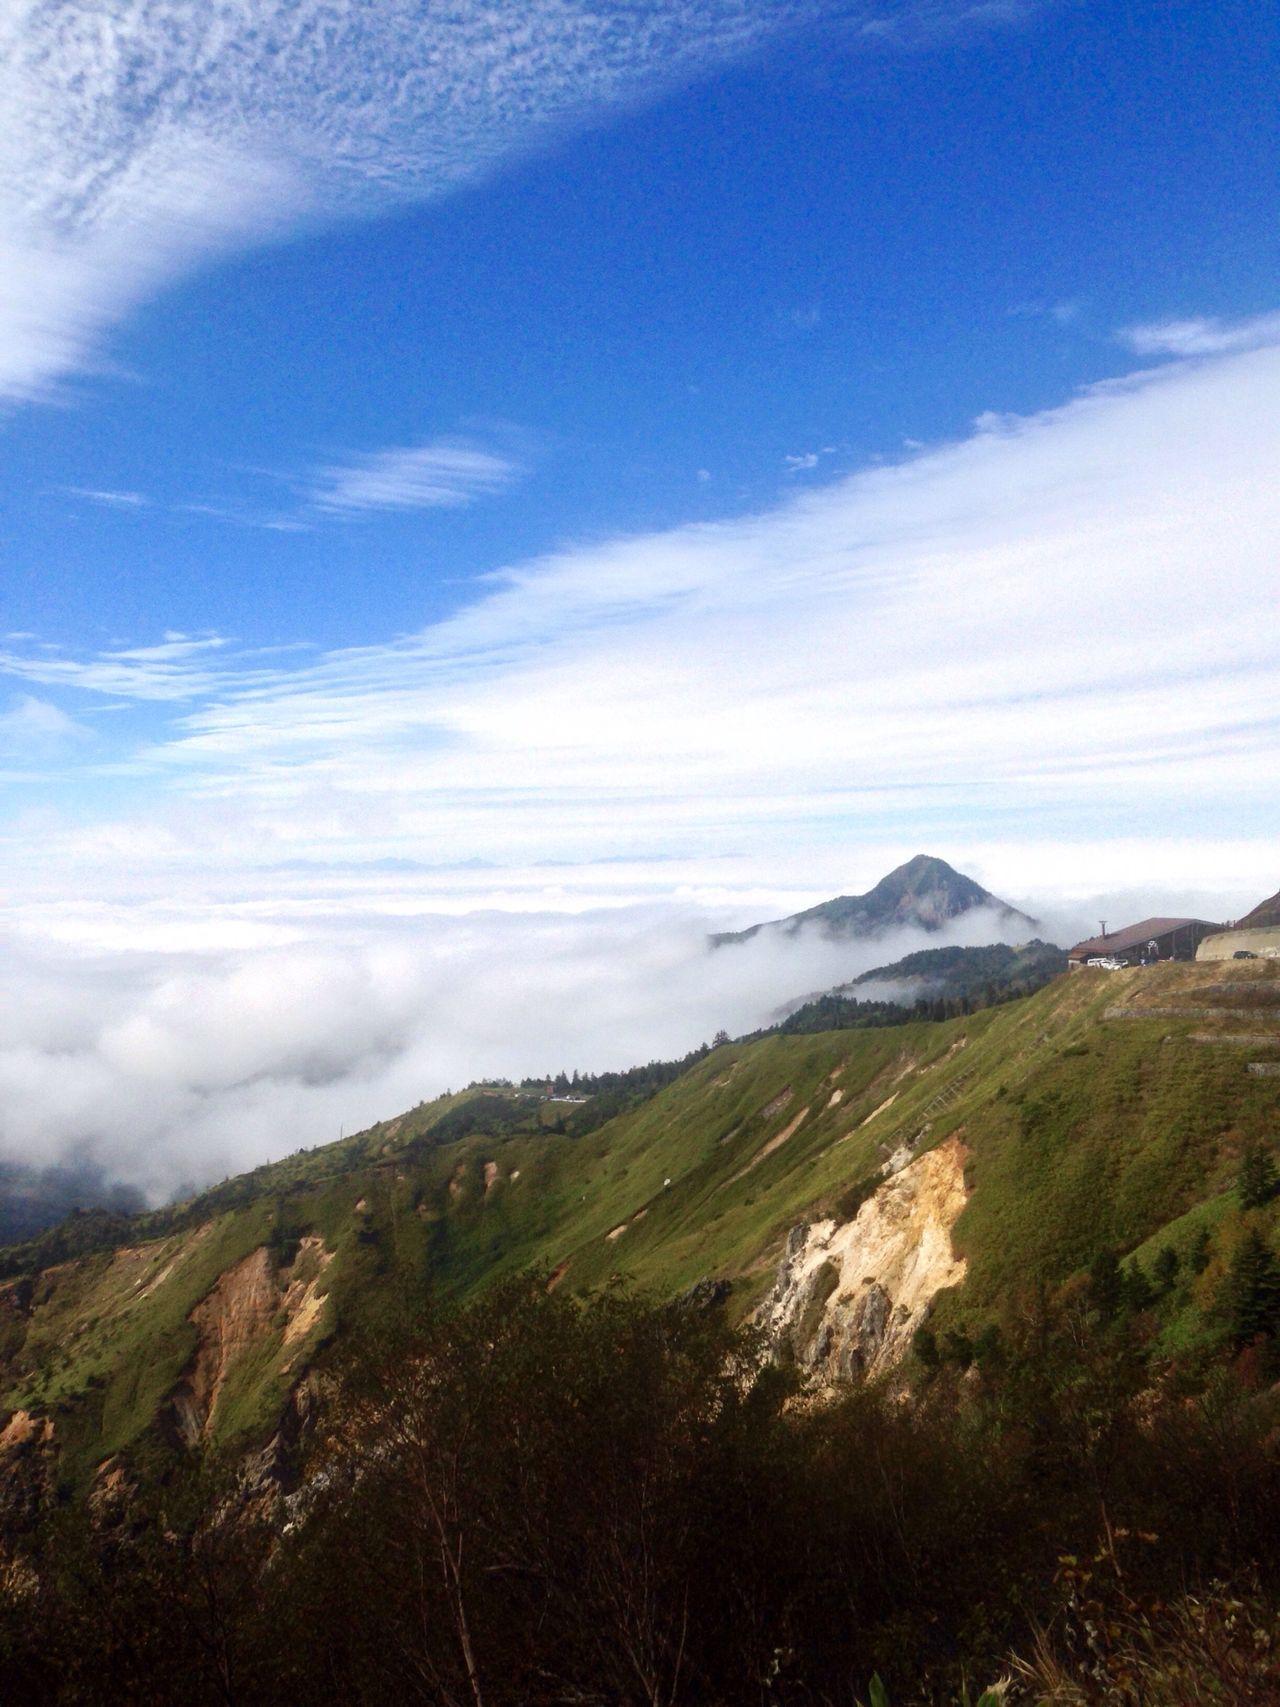 長野県 山ノ内町 志賀高原 横手山ドライブイン付近からの撮影ですね〜♪ 2016.10.10 iPhone5での撮影📱 すっかり忘れてました!紅葉は標高が高いので 終わってます。🍂🍁 Tranquil Scene Mountain Scenics Landscape Tranquility Sky Non-urban Scene Nature Idyllic Cloud Remote Cloud - Sky Majestic Physical Geography Valley Tourism Mountain Ridge Distant Countryside 志賀高原 山ノ内町 笠ヶ岳 長野県 Beauty In Nature EyeEmBestPics